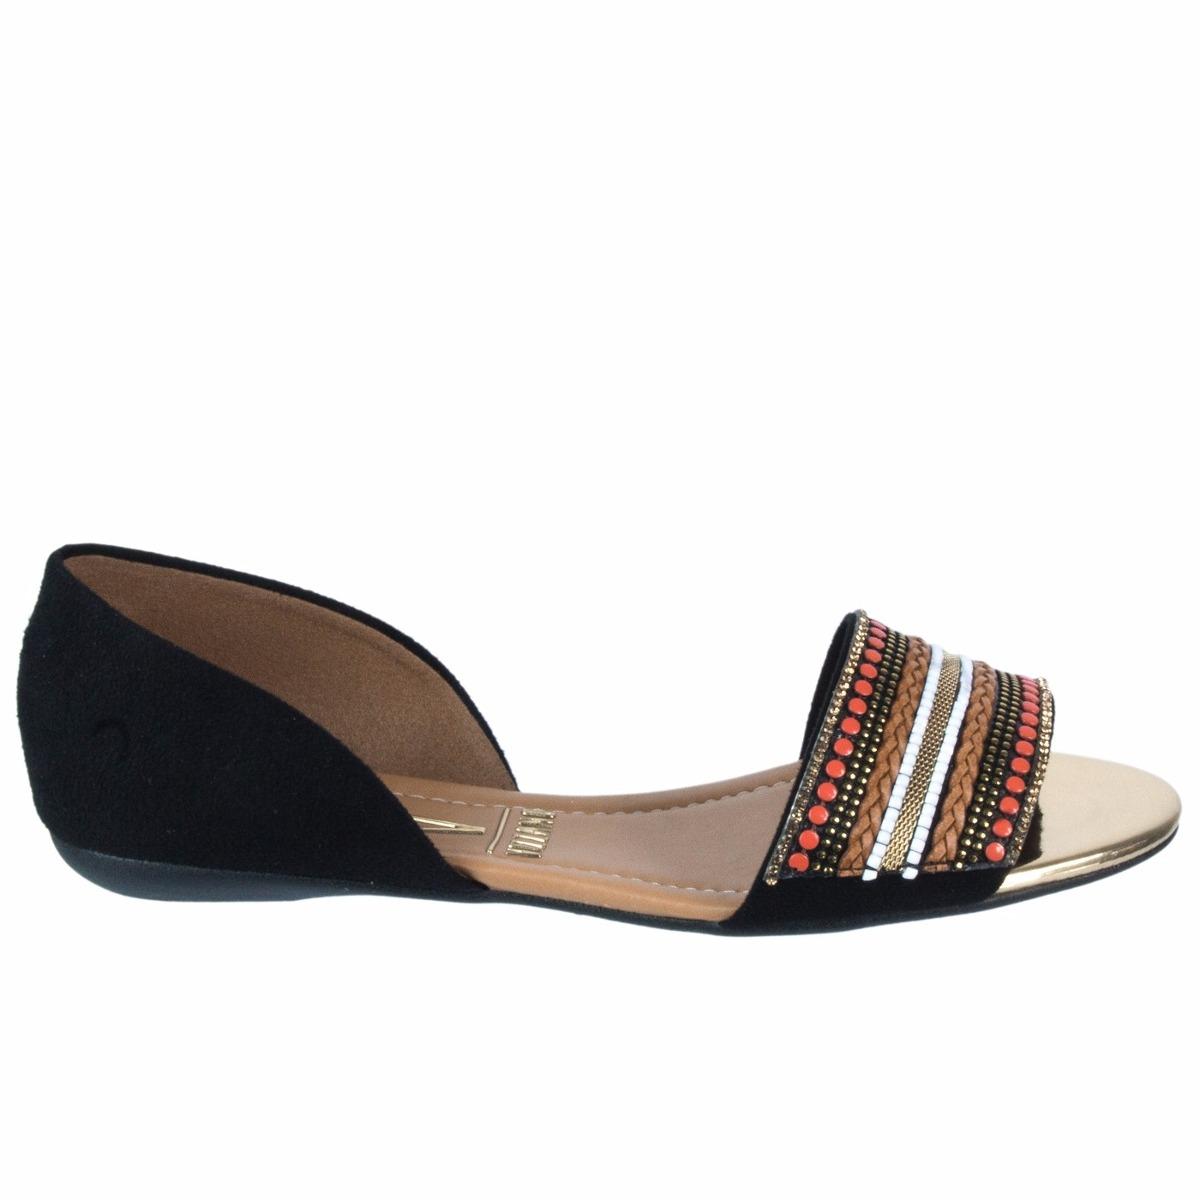 81849af622 sandália feminina rasteira vizzano camurça flex 1834.106. Carregando zoom.